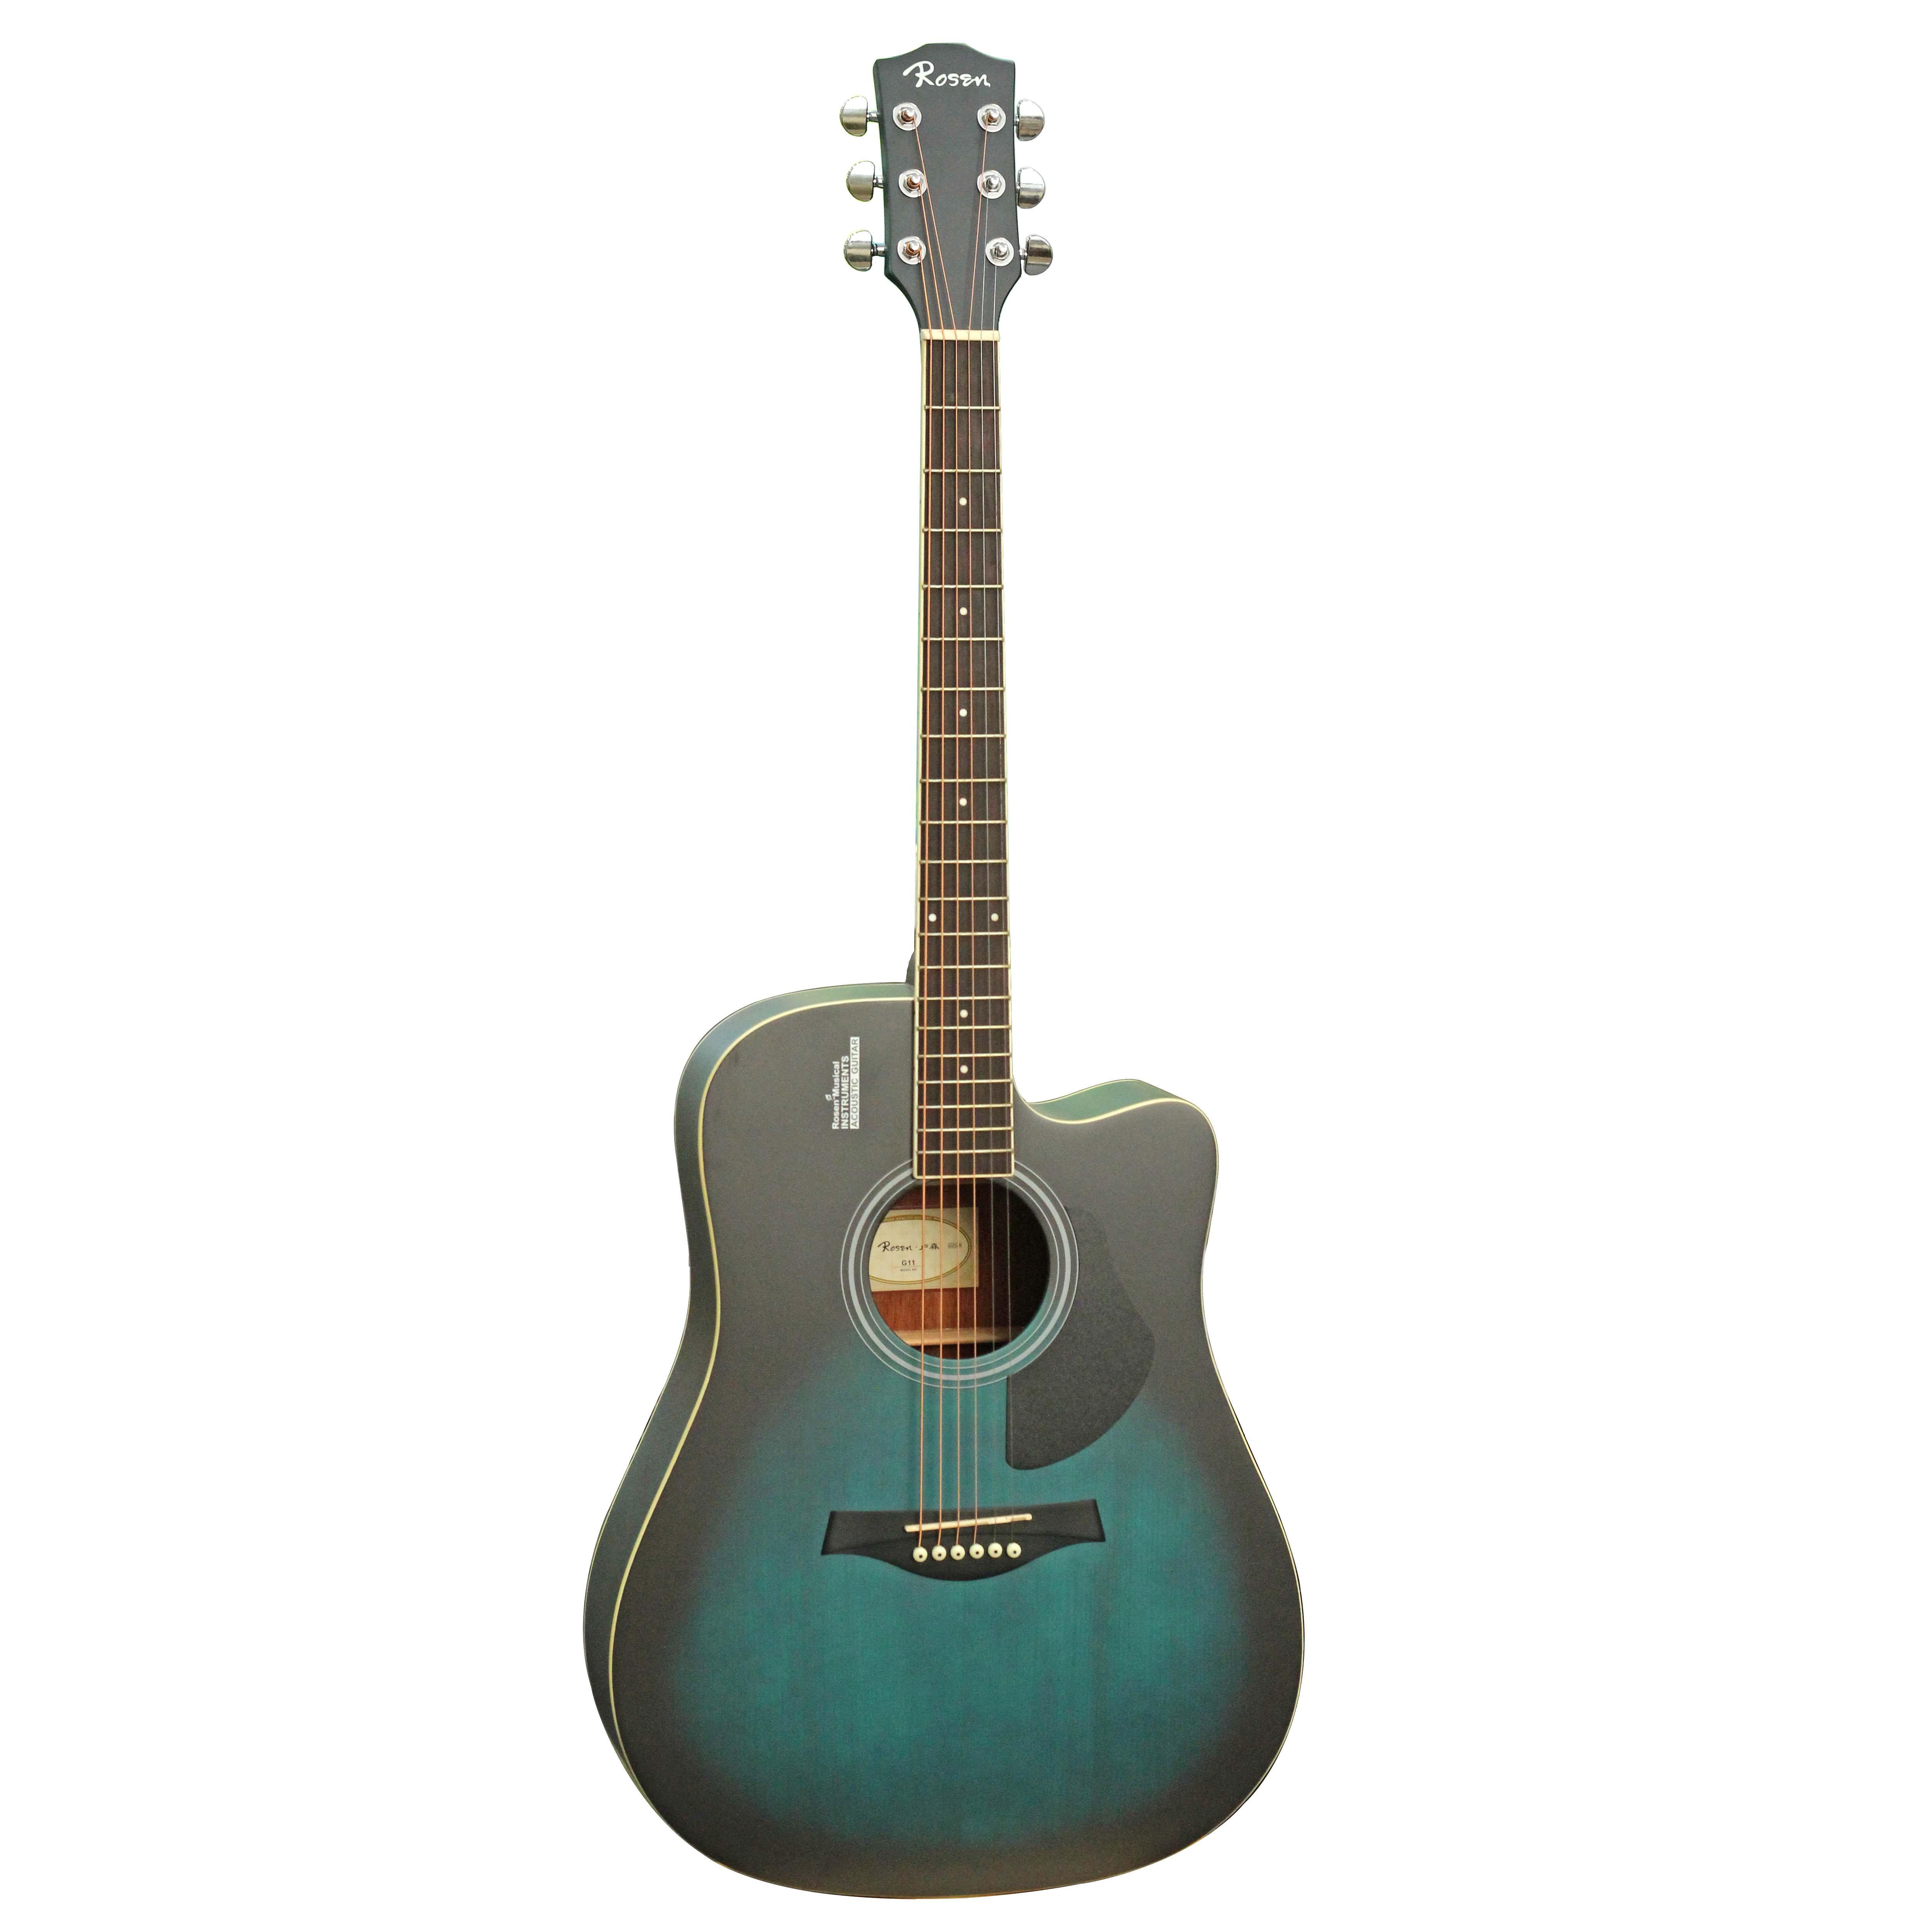 Đàn Guitar Acoustic Rosen Xanh Ngọc G11 (Gỗ Thịt- Solid top)